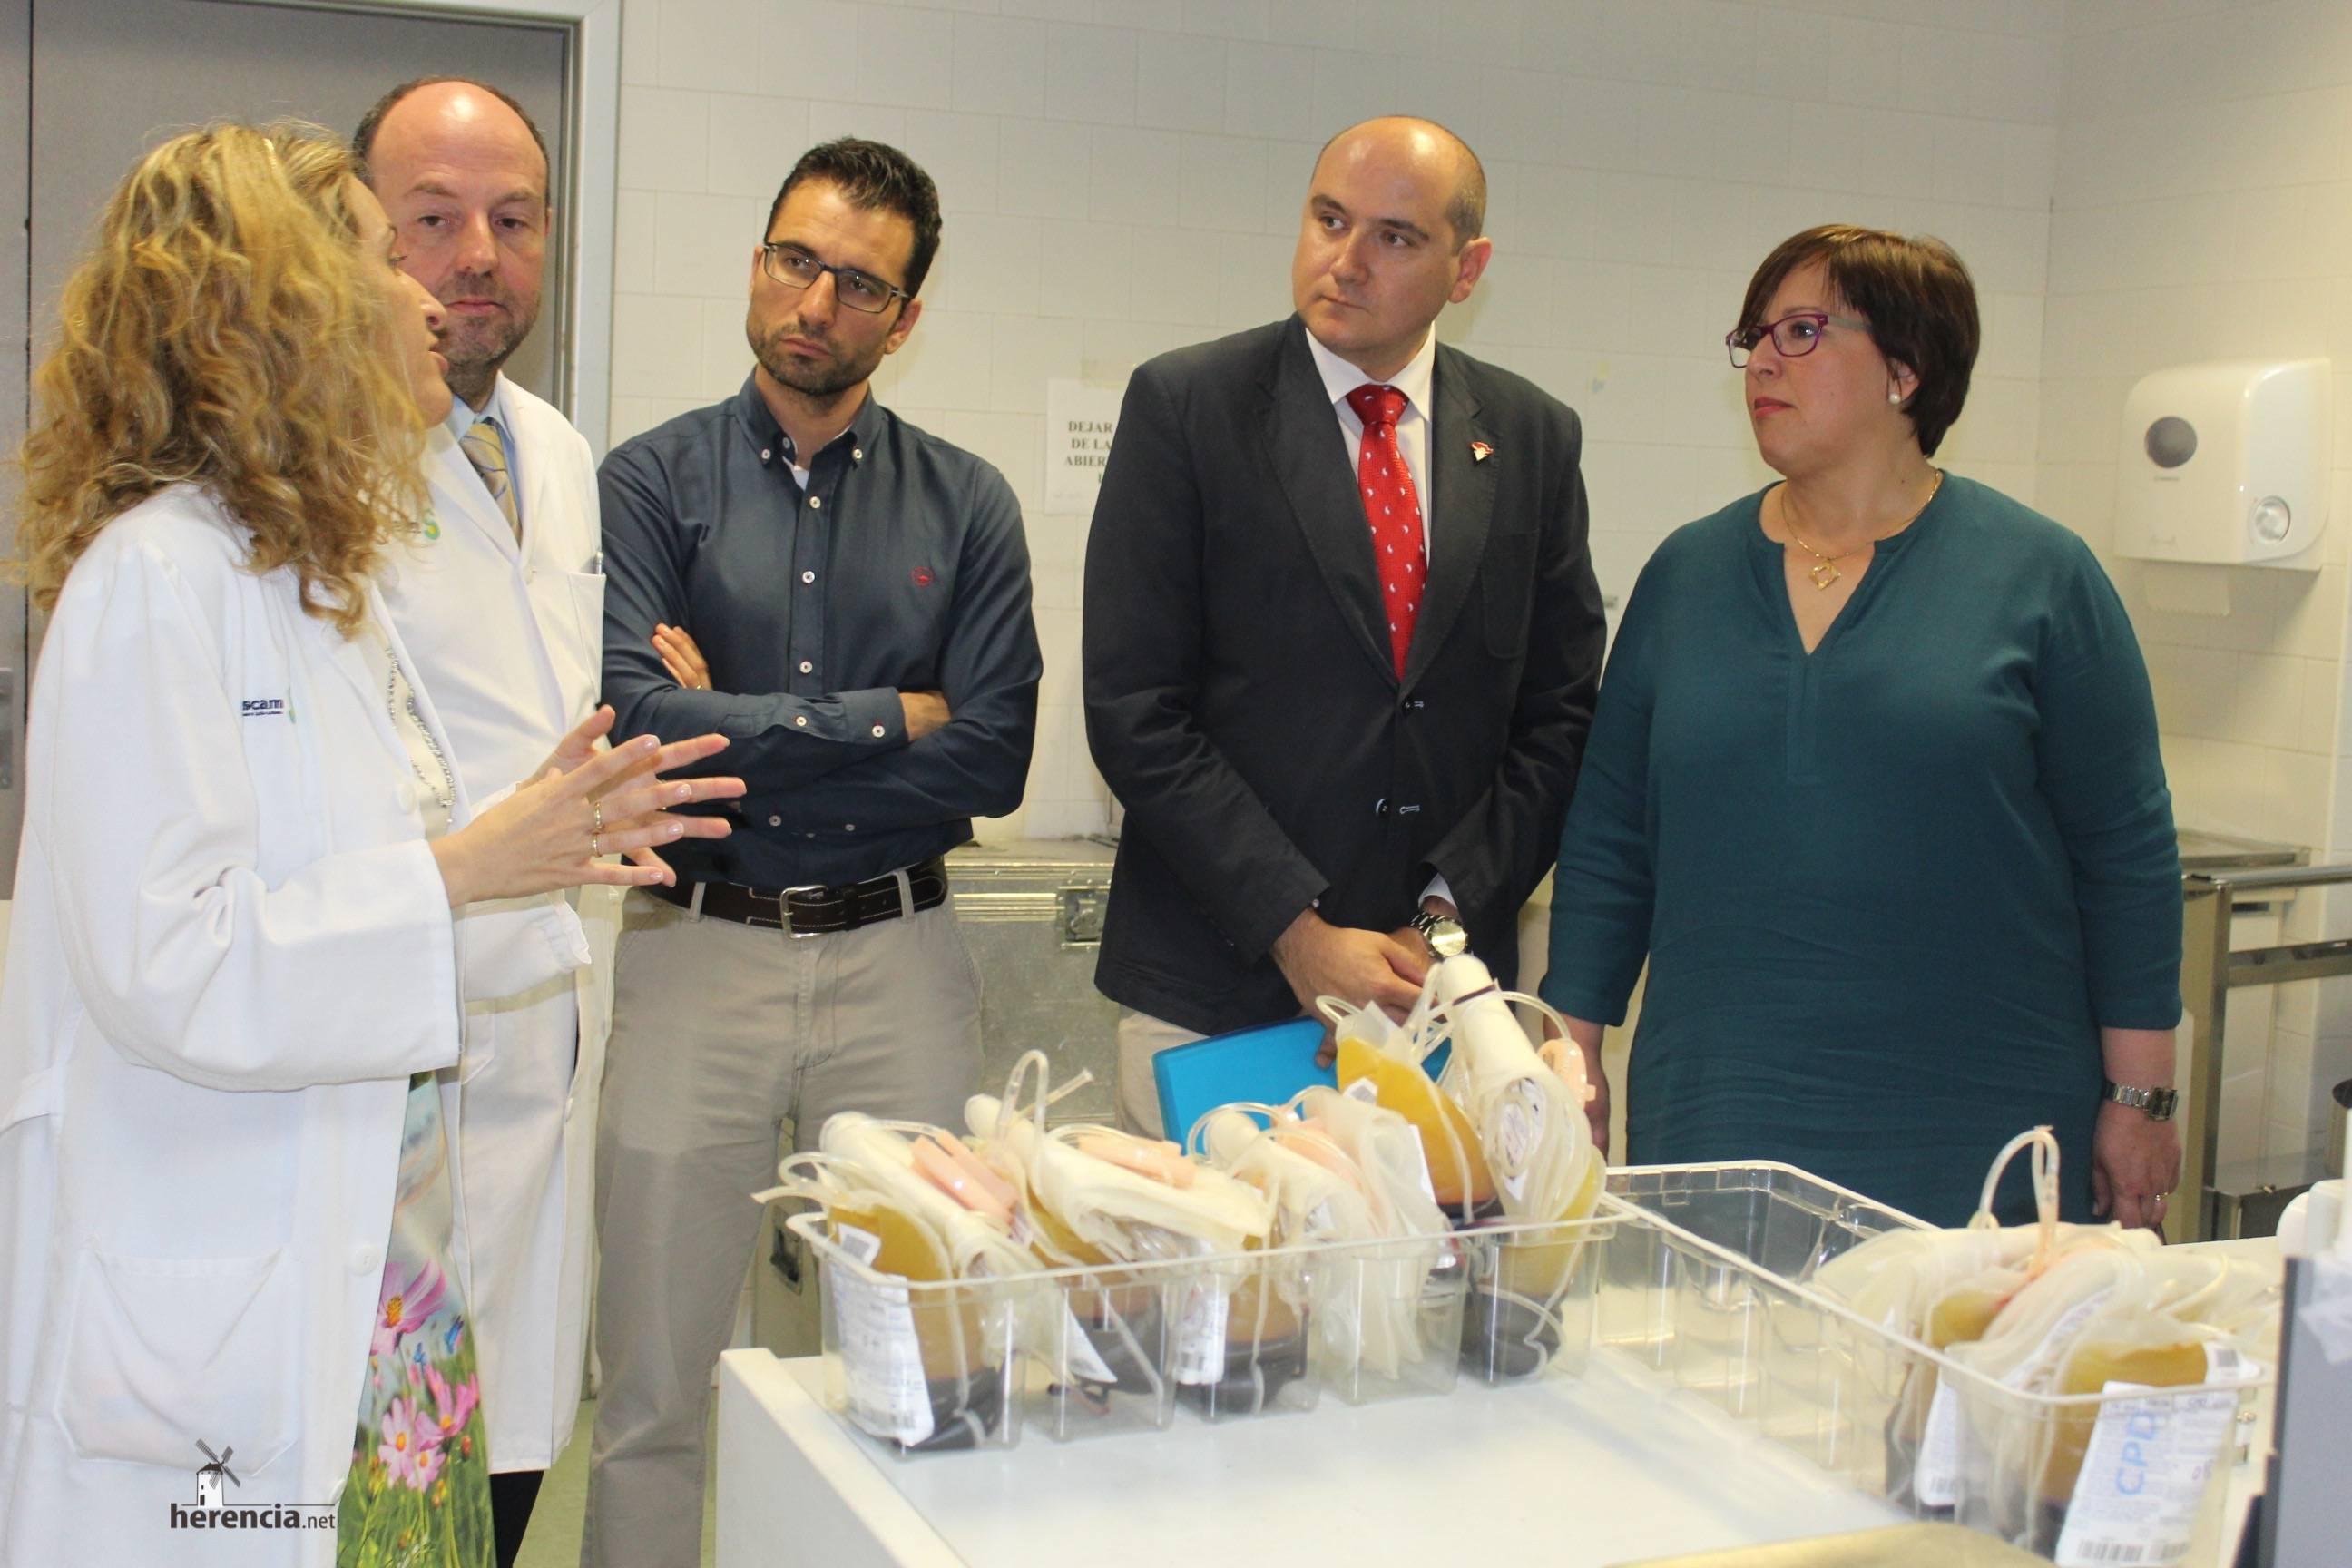 Carmen Olmedo Dia Mundial Donante Sangre 3 - Día Mundial de los Donantes de Sangre en Ciudad Real